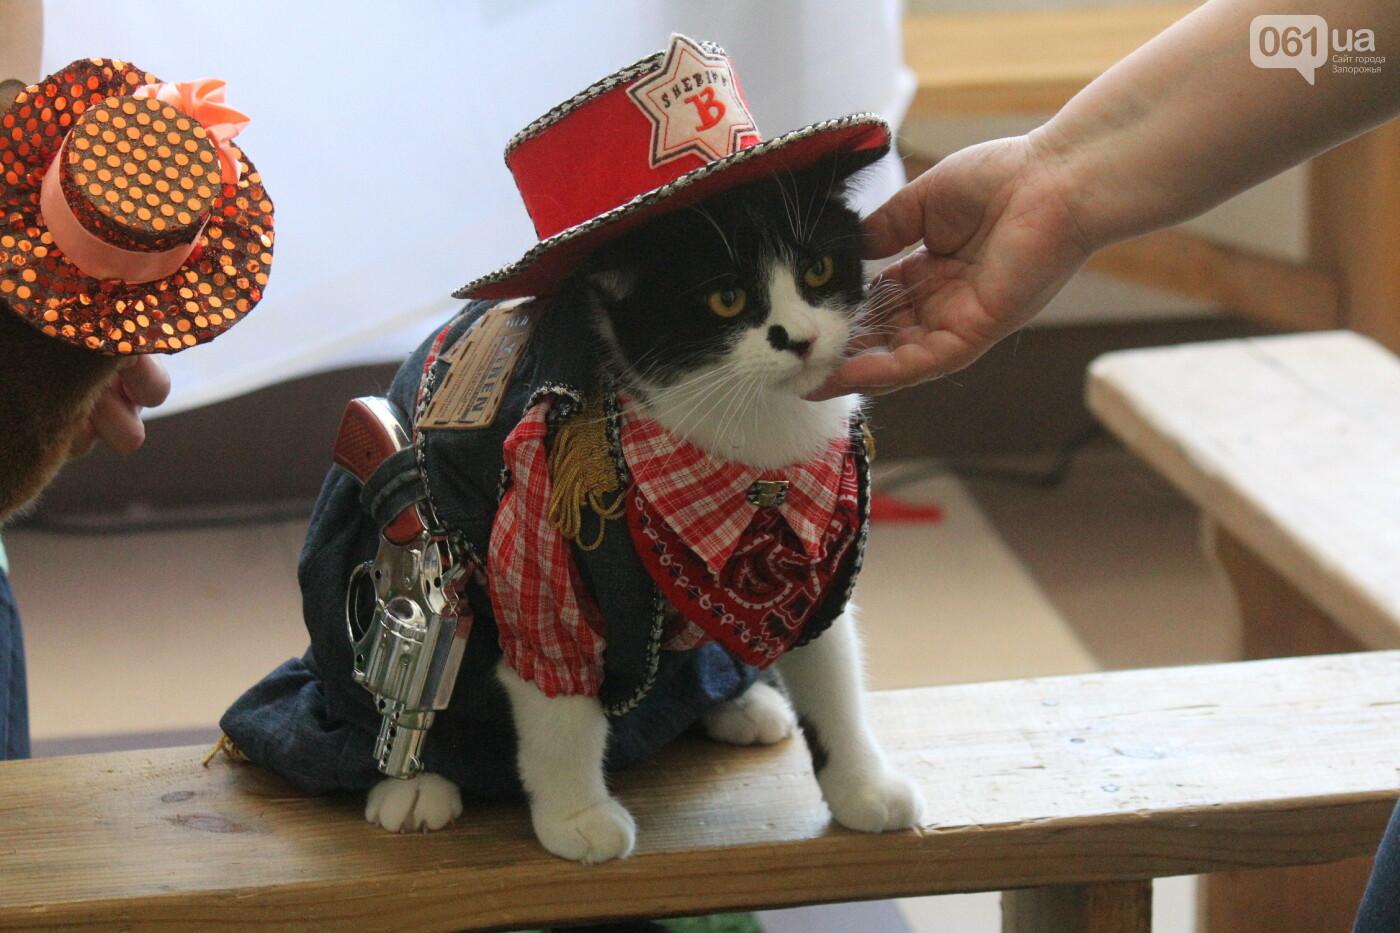 В Запорожье на выставке кошек показали 130 питомцев со всей Украины, – ФОТОРЕПОРТАЖ, фото-32